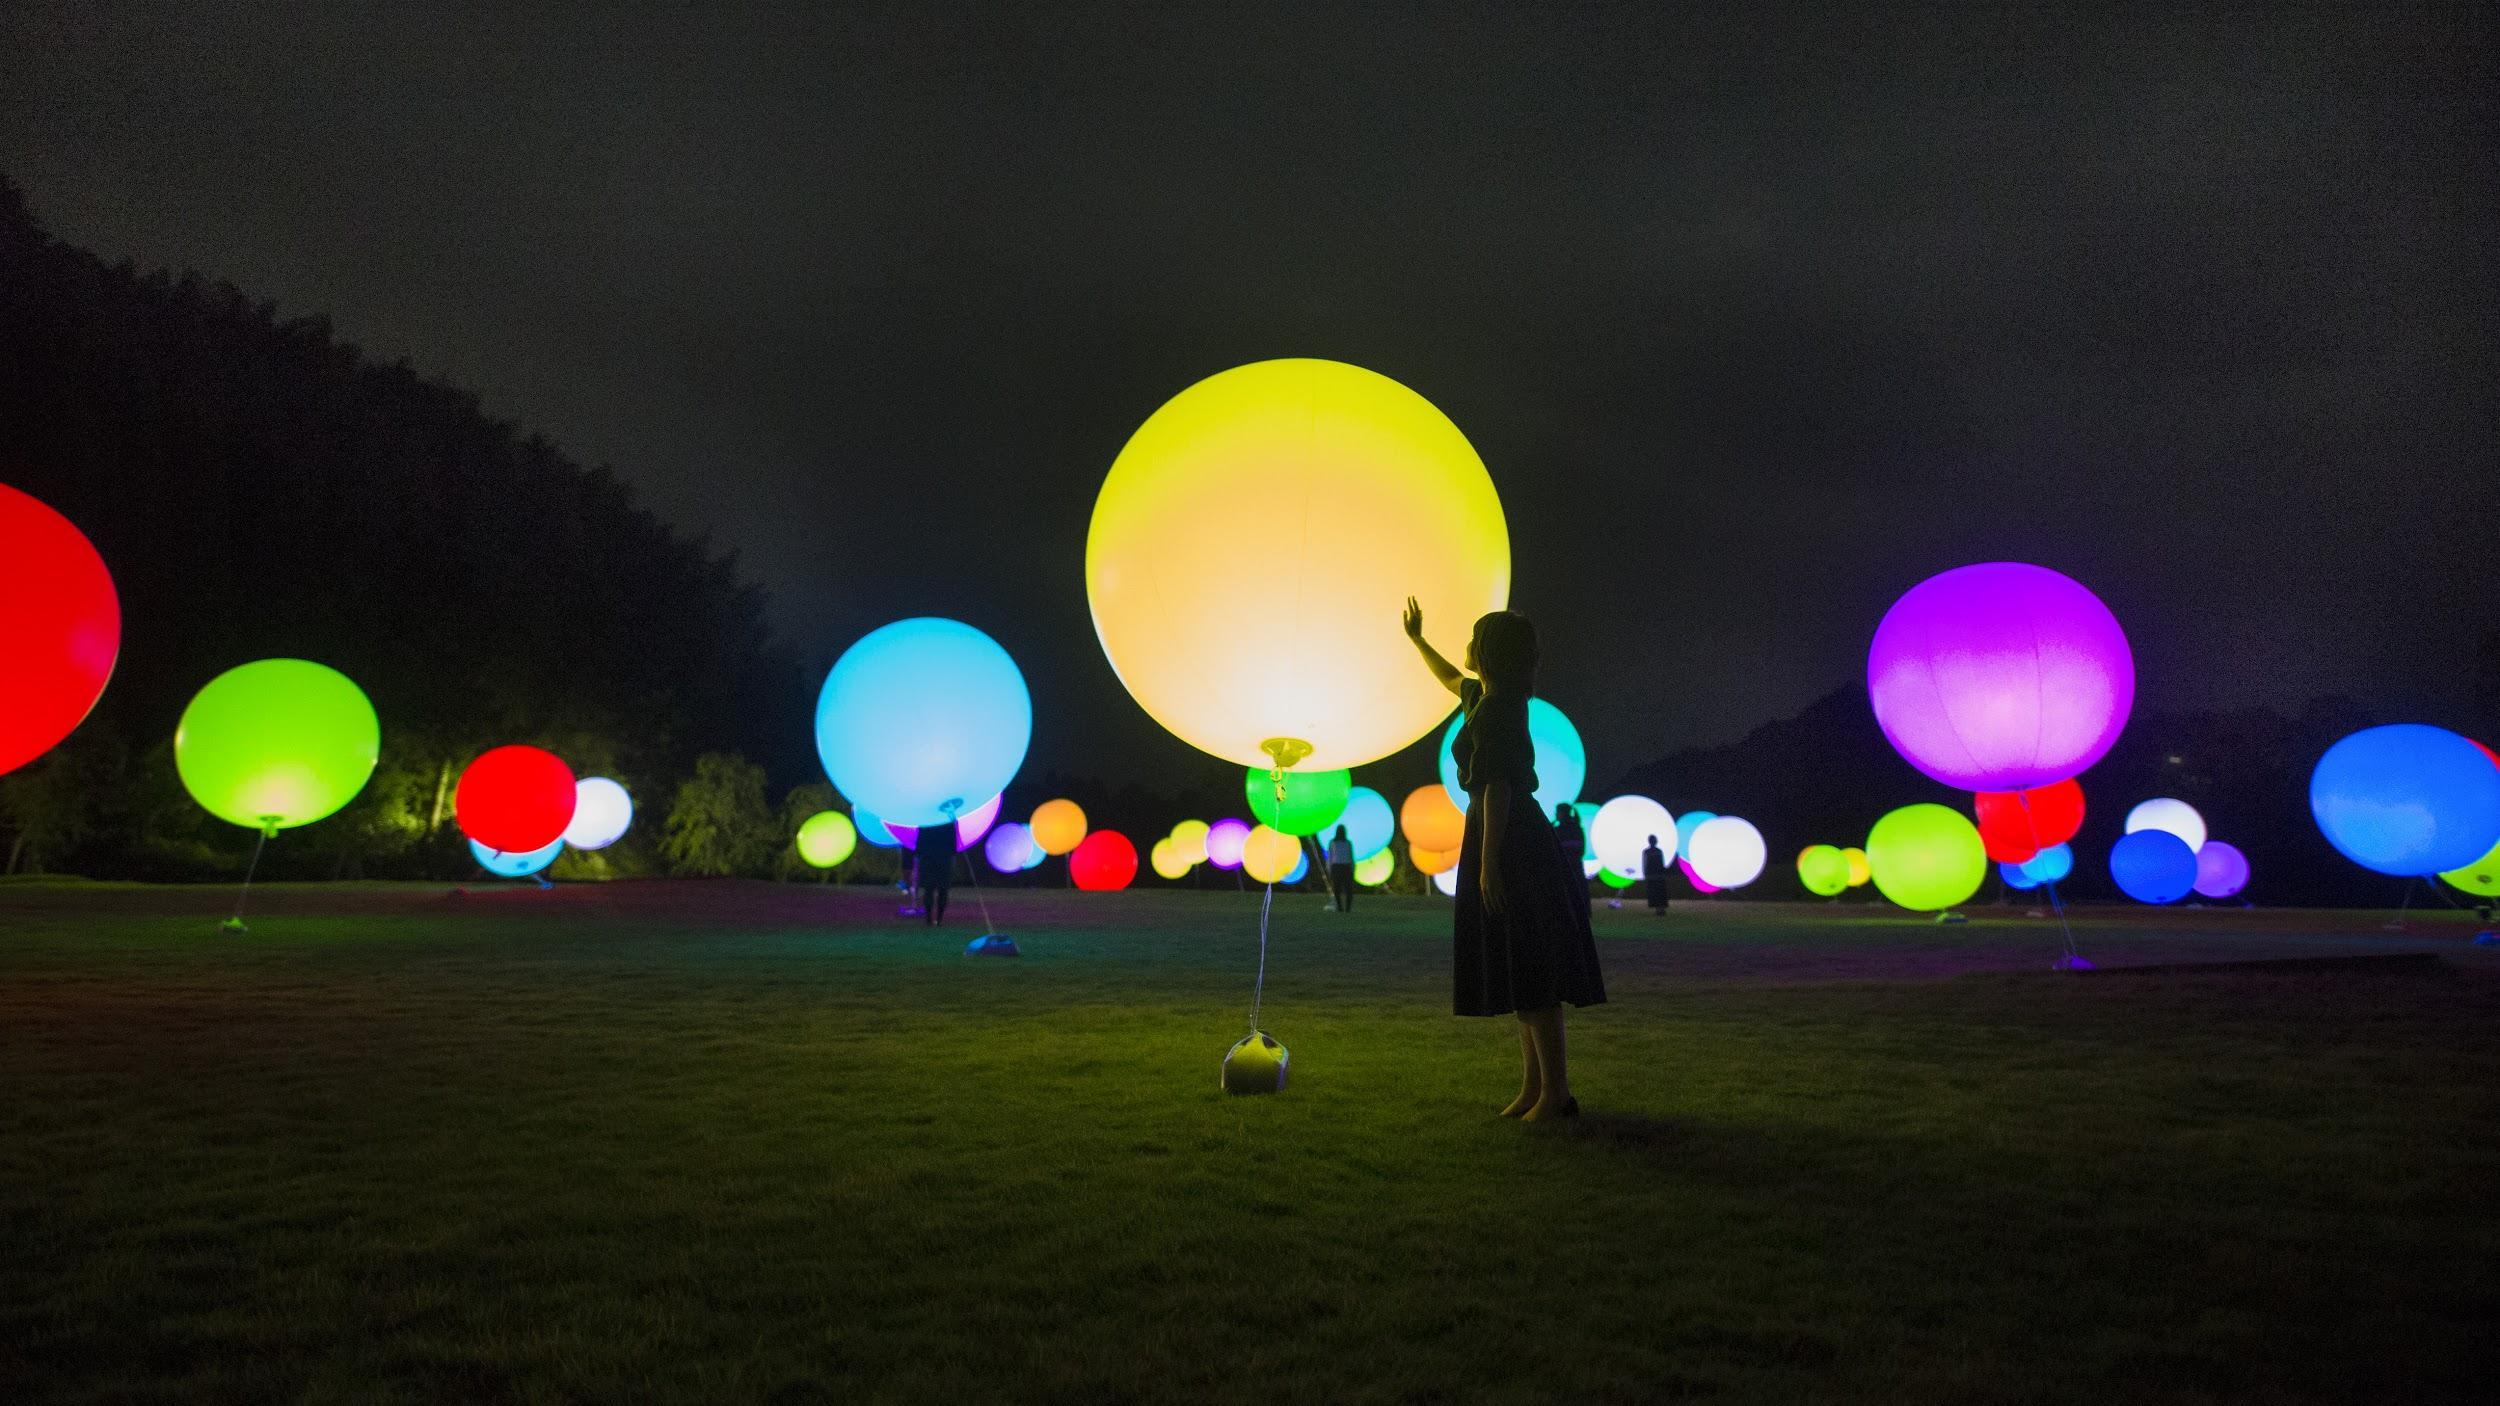 ムーミン施設「メッツァビレッジ」、チームラボと「光のアート空間」イベント開催、12月から冬季限定で